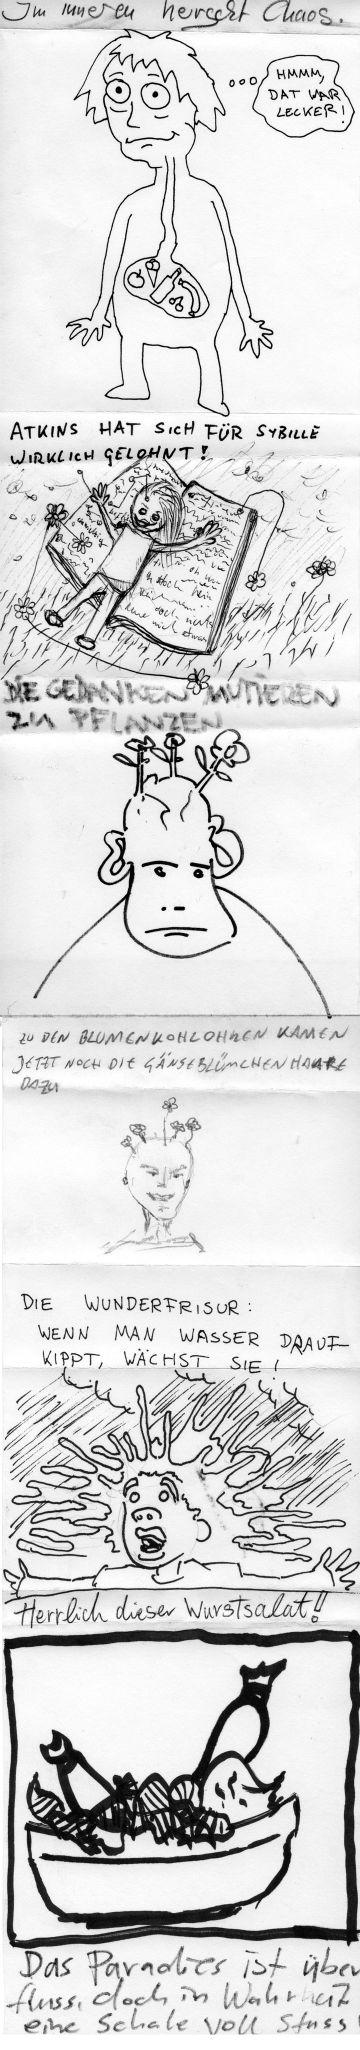 Cadavre Exquis: Wurstsalat